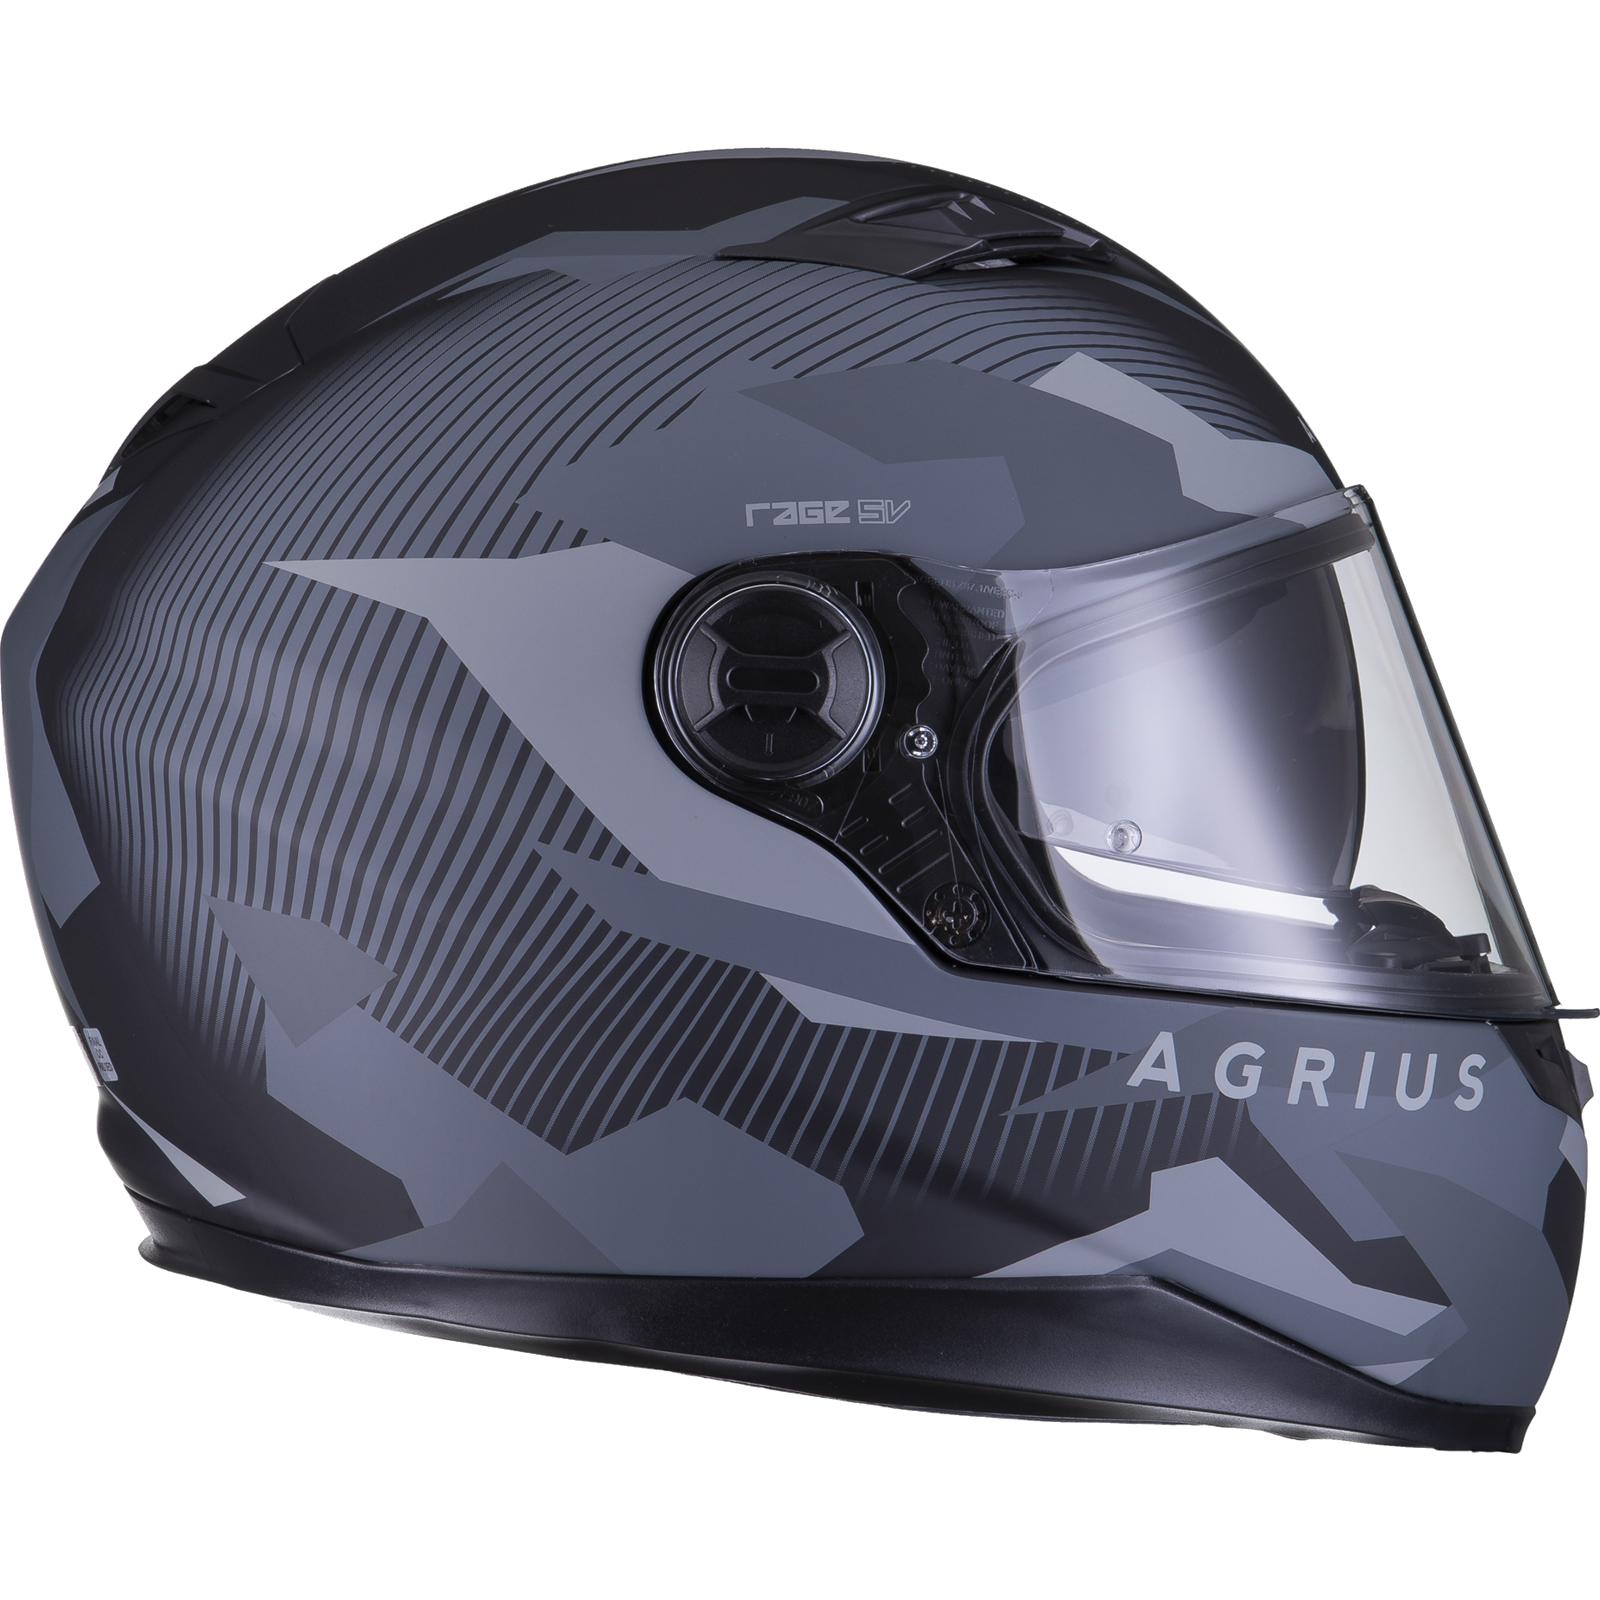 Agrius-Rage-SV-Tracker-Full-Face-Motorcycle-Matt-Helmet-bike-Road-Bike-Scooter thumbnail 24